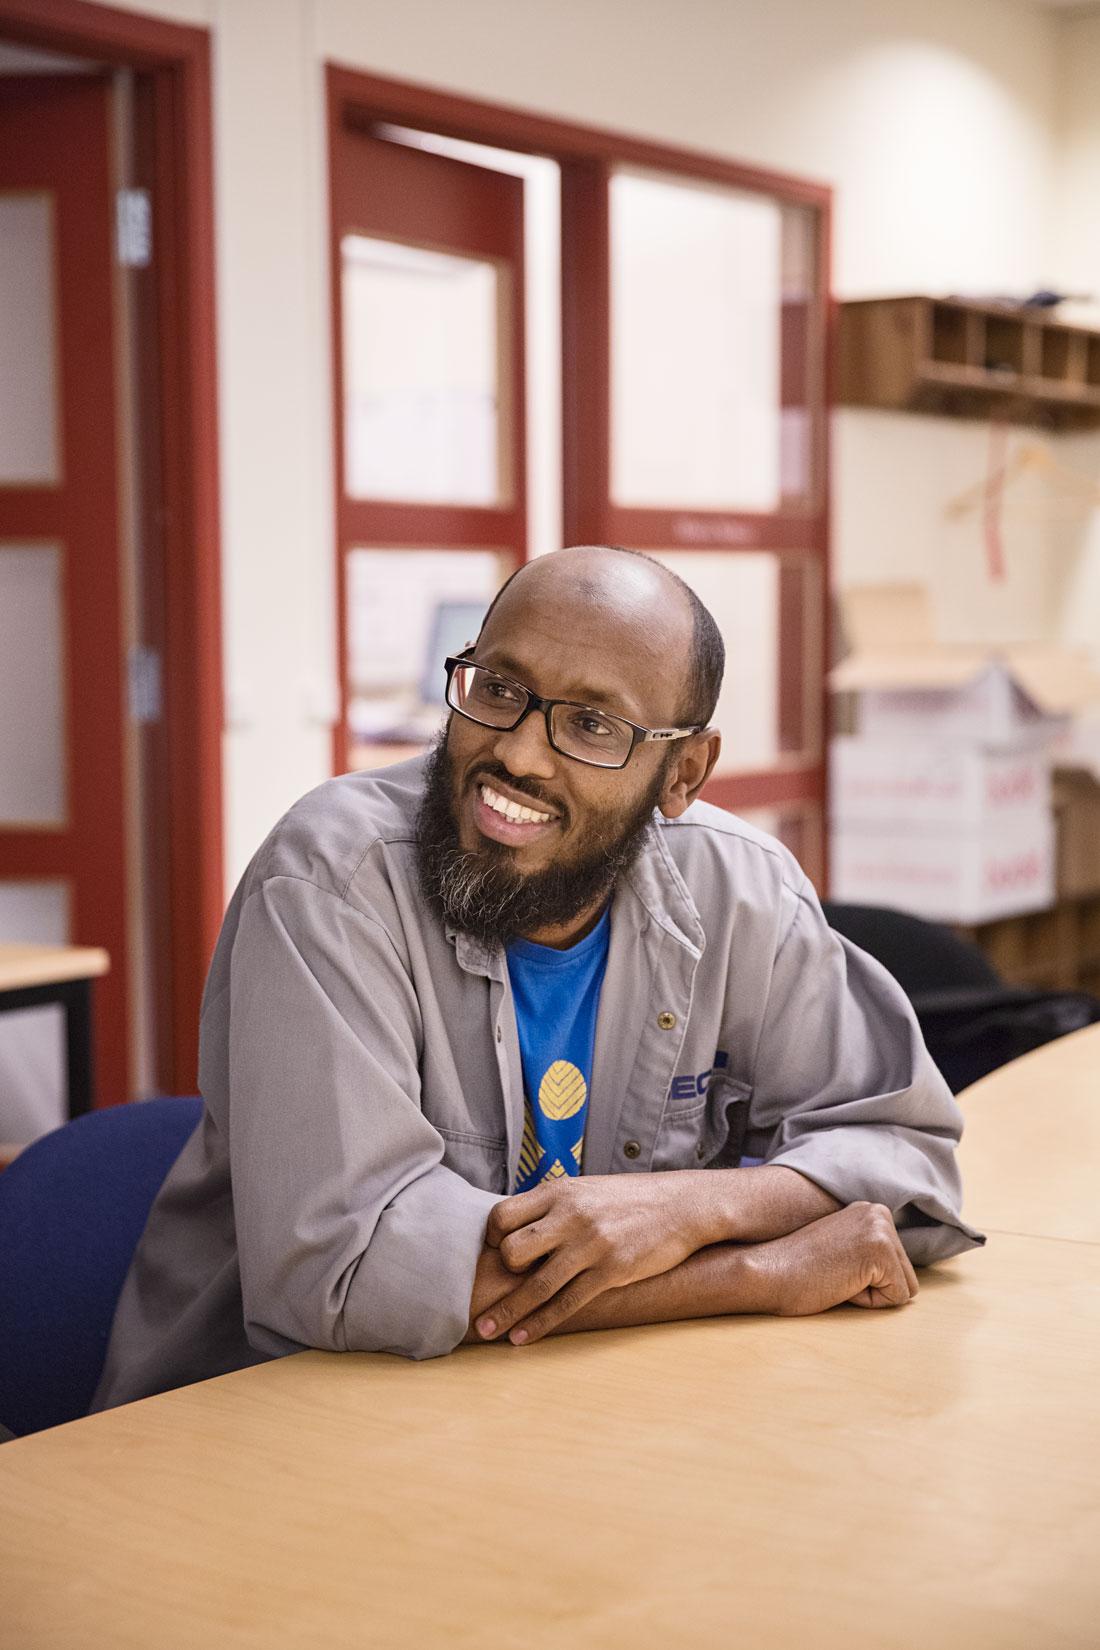 Liibaan Mohamod flyddetill Sverige från Somalia 1992. Foto: EBBA OLSSON WIKDAHL